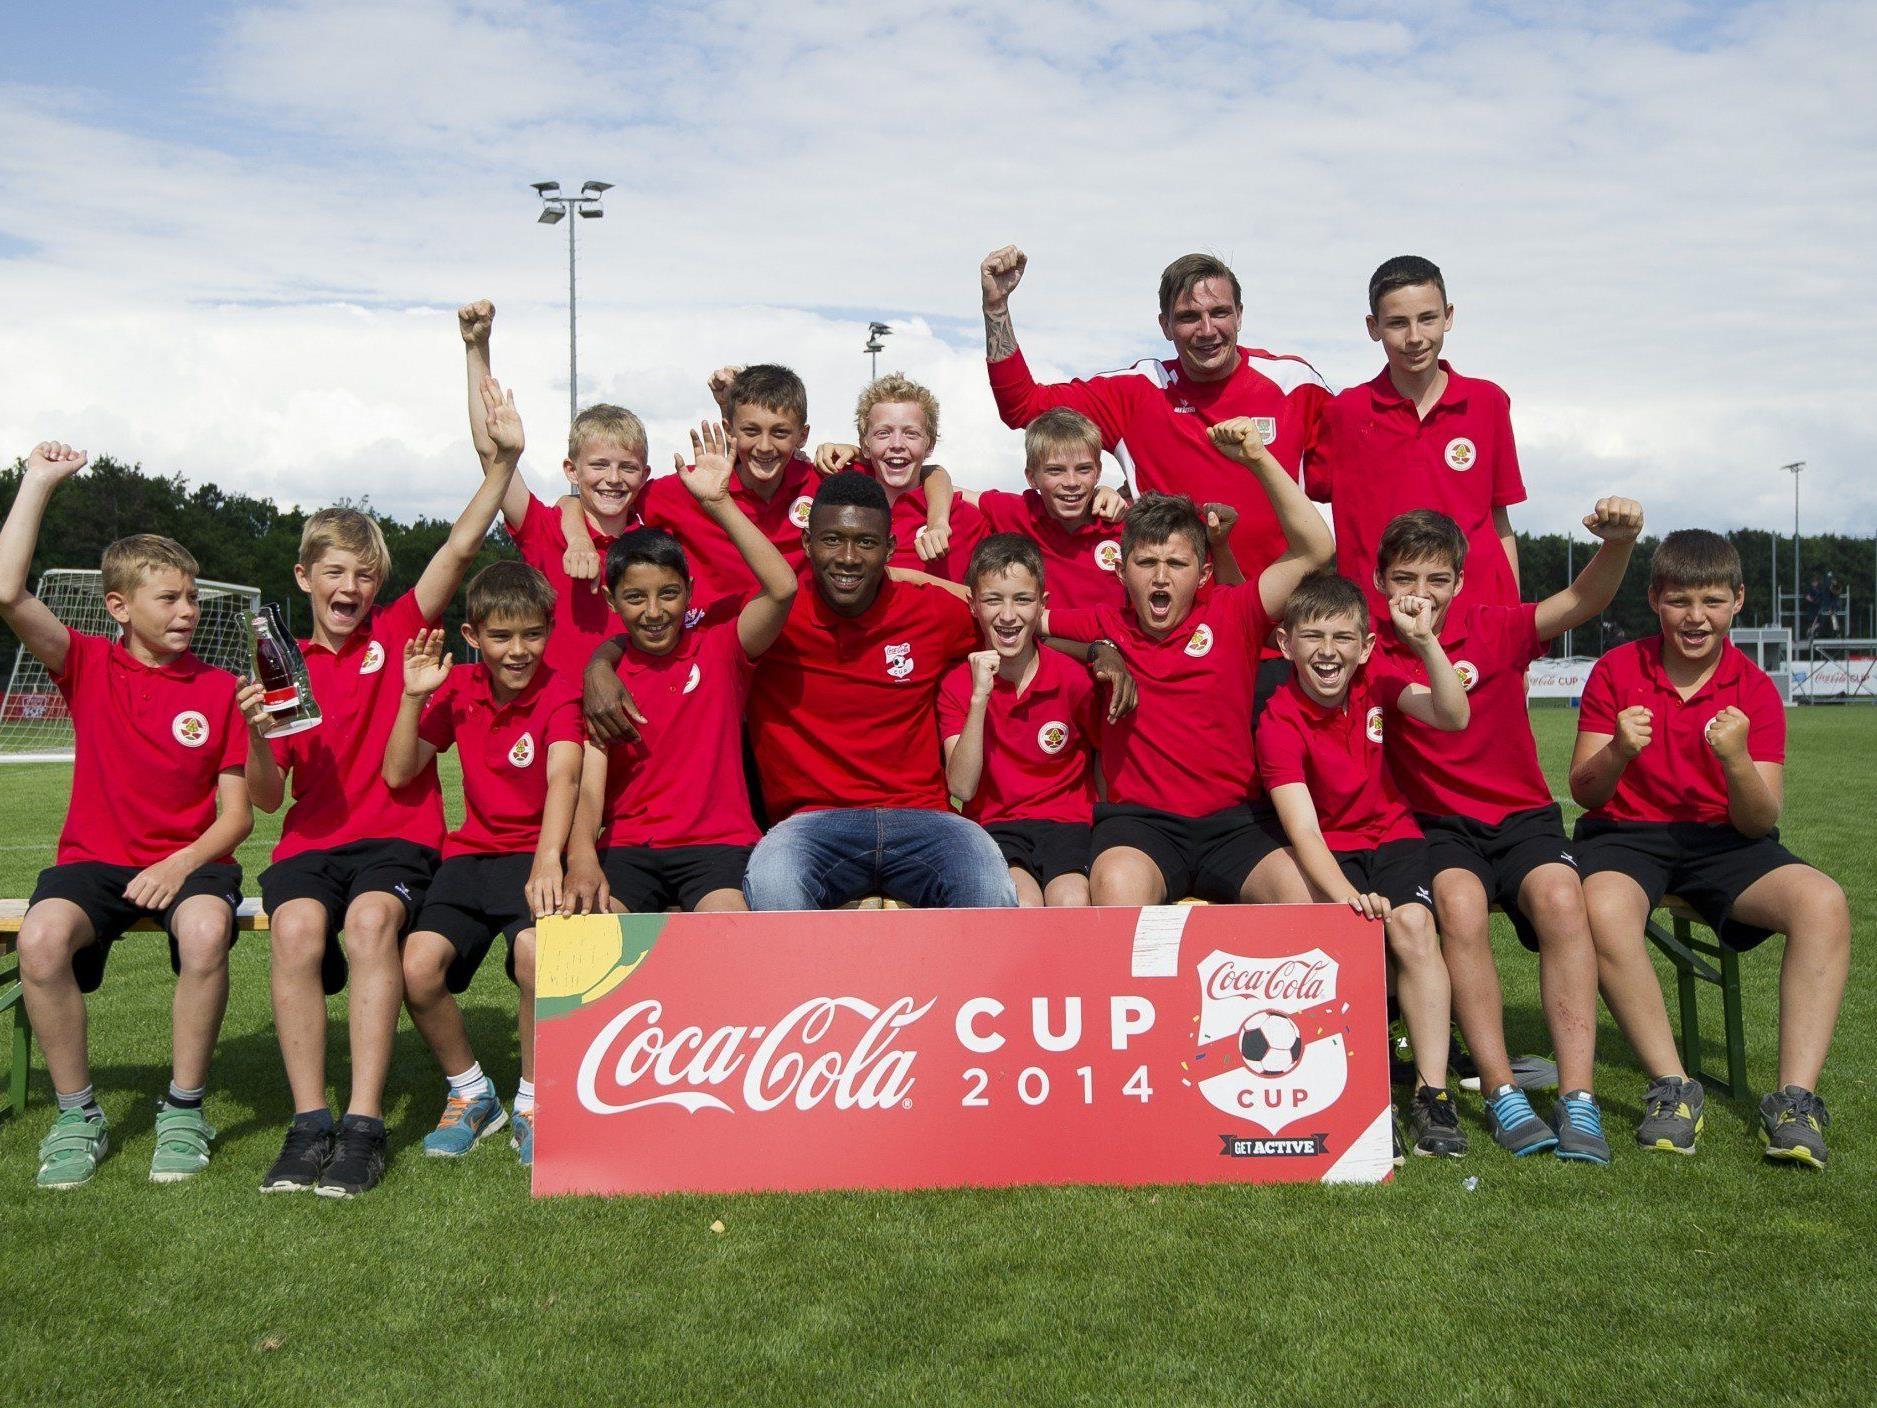 Absoluter Höhepunkt - die U12 Rothosen trafen beim Coca Cola Cup 2014 Superstar David Alaba.